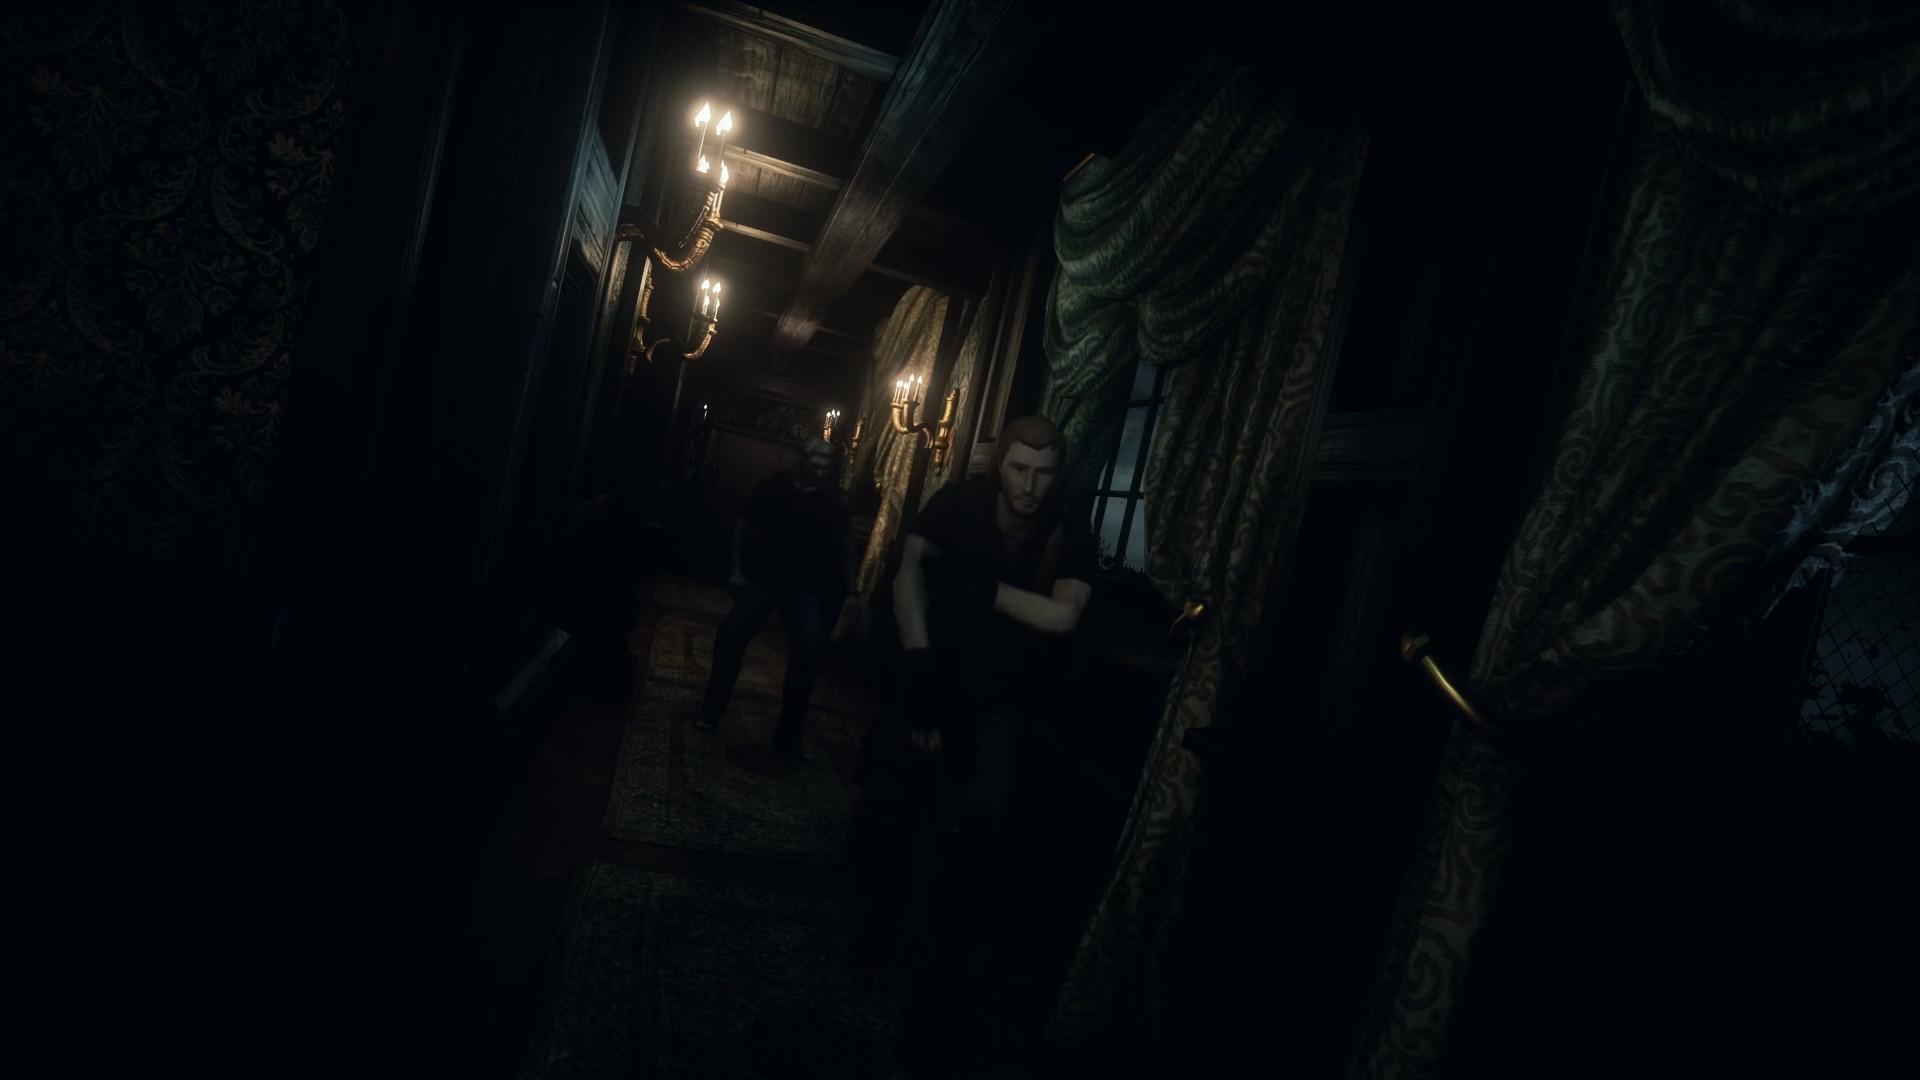 Вышел трейлер с геймплеем нового клона Resident Evil, в котором есть зомби и головоломки